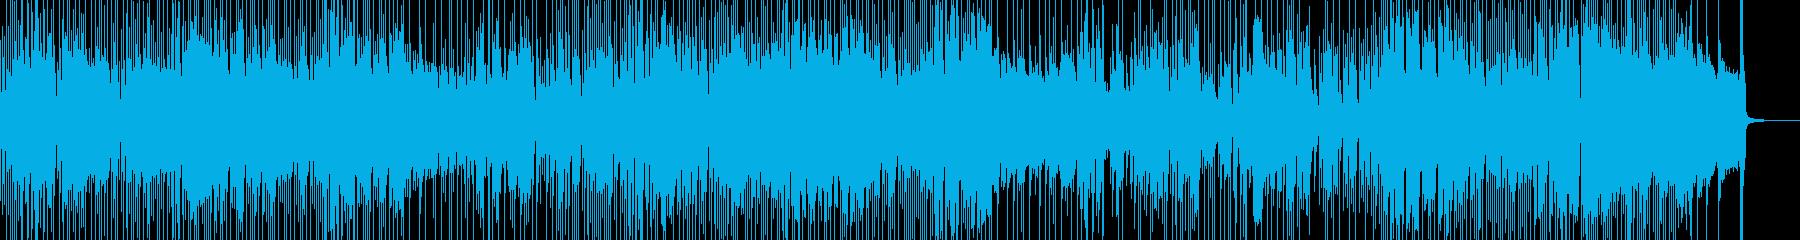 三味線・軽快&天晴れなジャズポップ 長尺の再生済みの波形